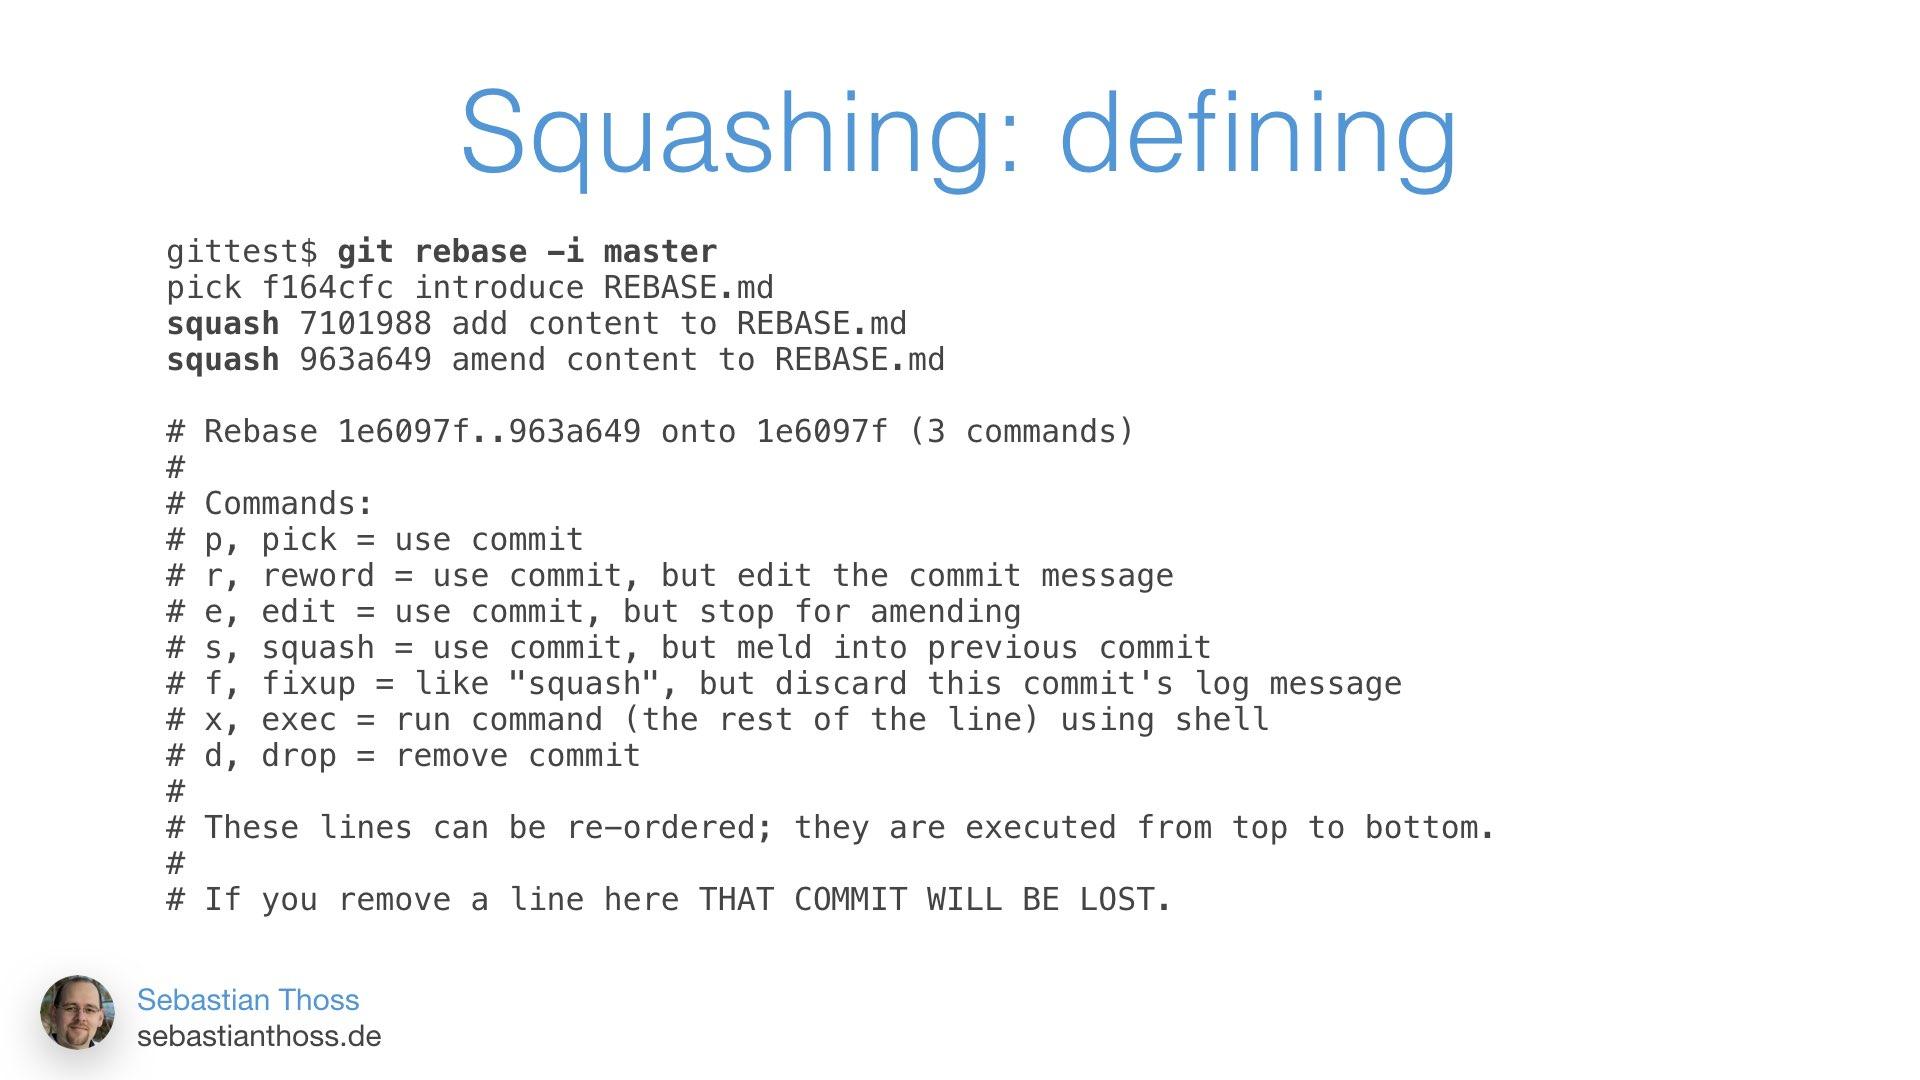 Mit dieser Folie zeigt Sebastian Thoss wie squashing auf der Kommandozeile aussehen kann